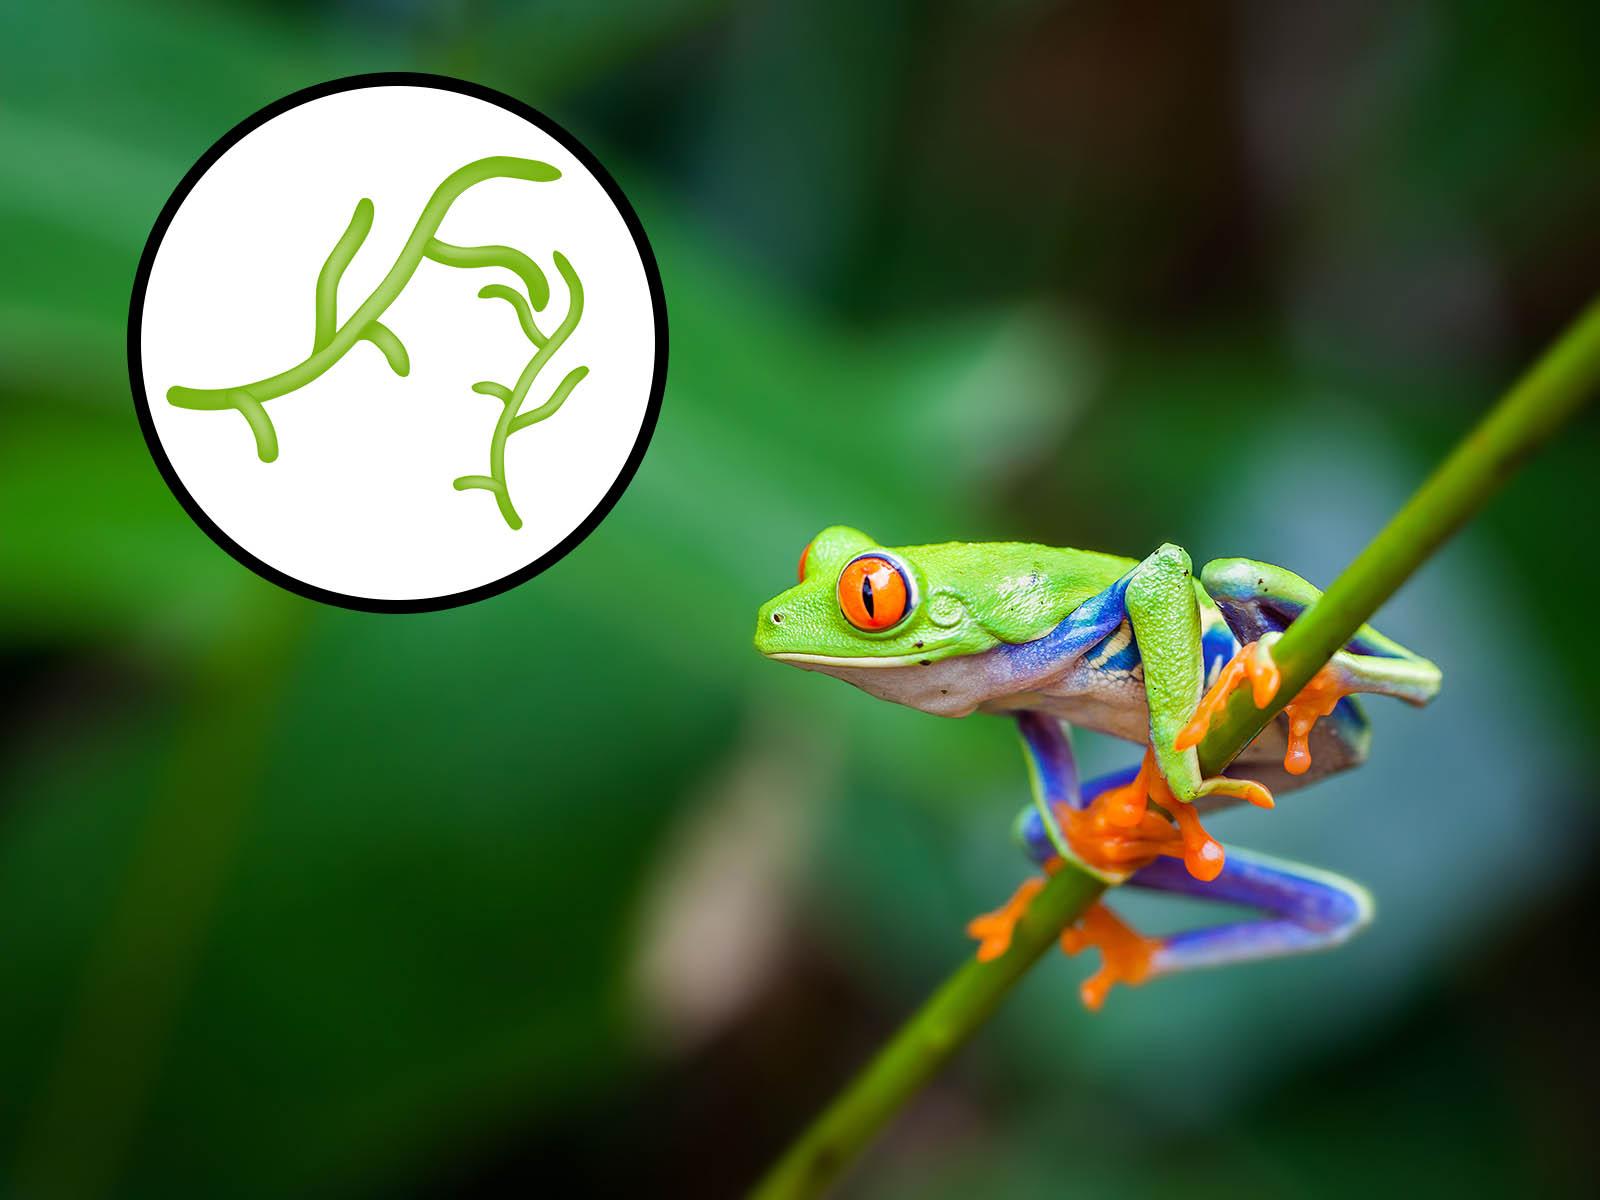 Tödlicher Pilz bedroht die Bestände von Amphibien – Internationales Forscherteam fordert weltweites Handelsverbot mit Amphibien